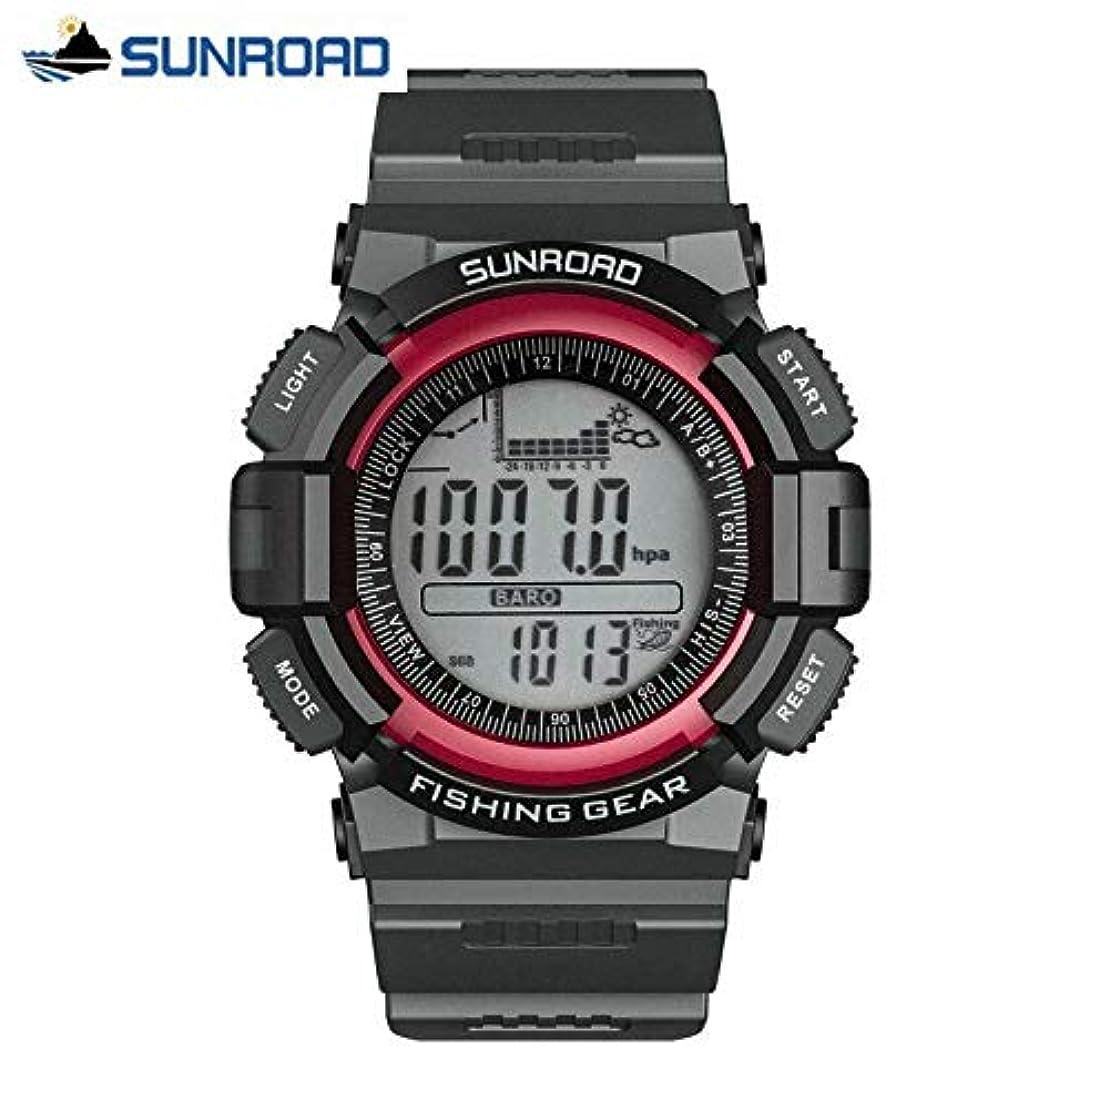 メタルライン組必要ないSUNROAD 5ATM防水釣りバロメーター腕時計高度計温度計カラーレッド